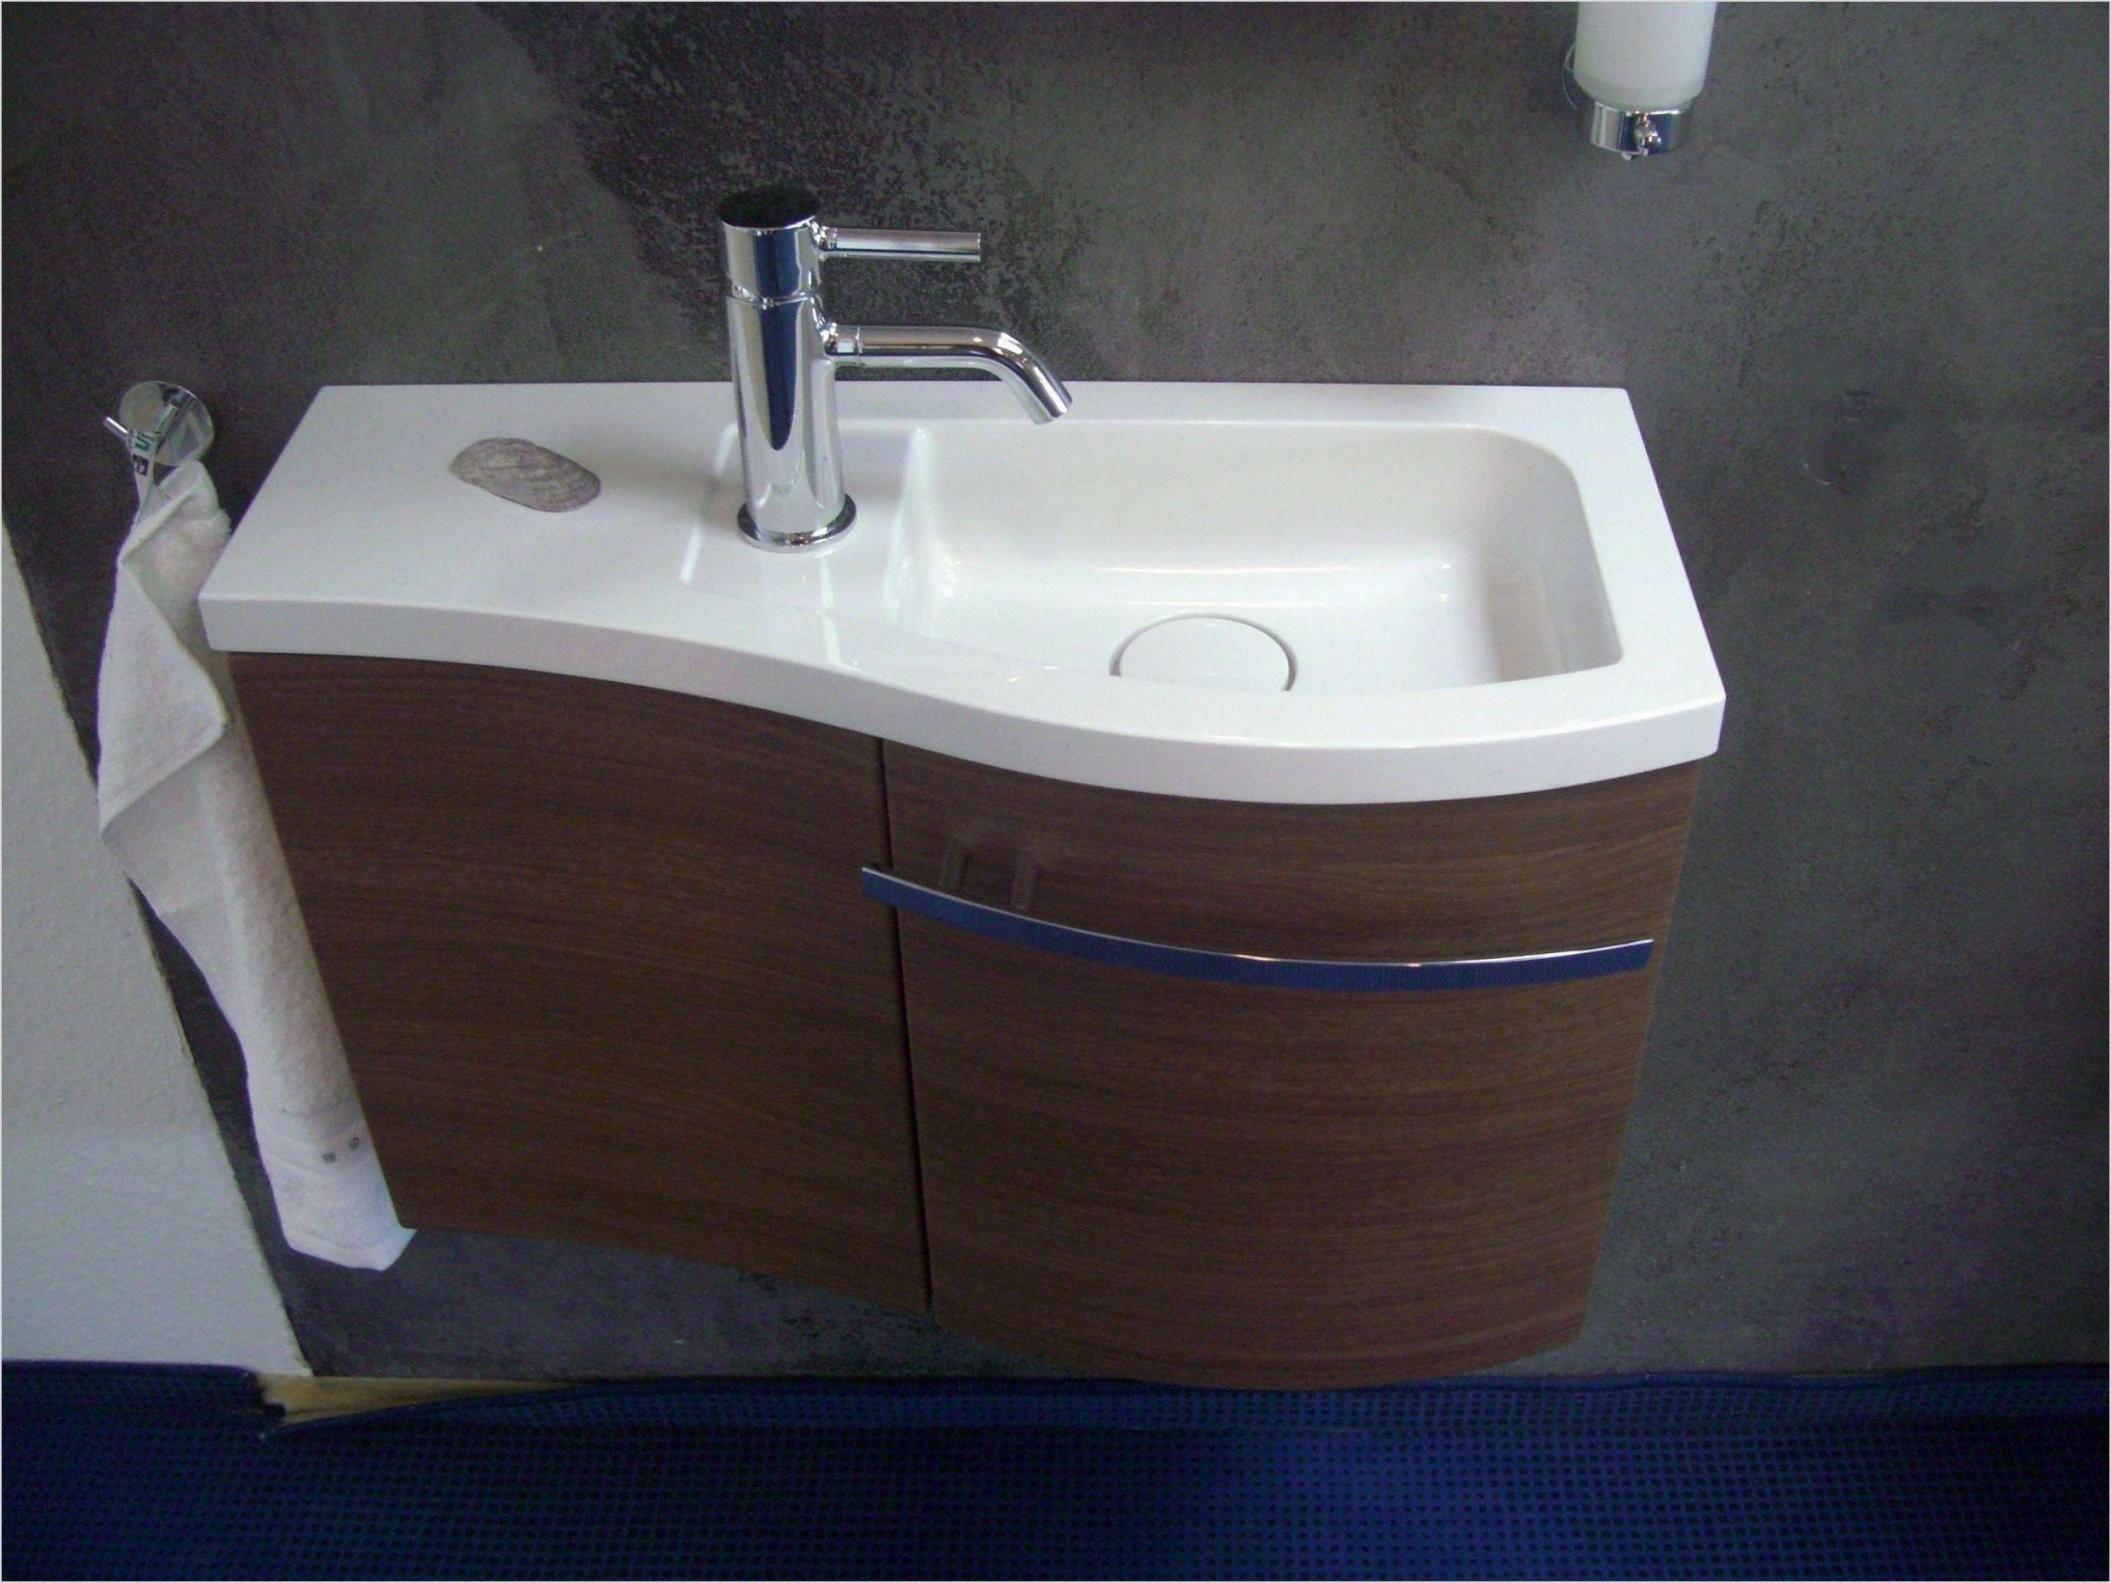 Gäste Wc Waschbecken Mit Unterschrank Weiß Frisch 47 Skizze von Waschbecken Kleines Gaeste Wc Bild